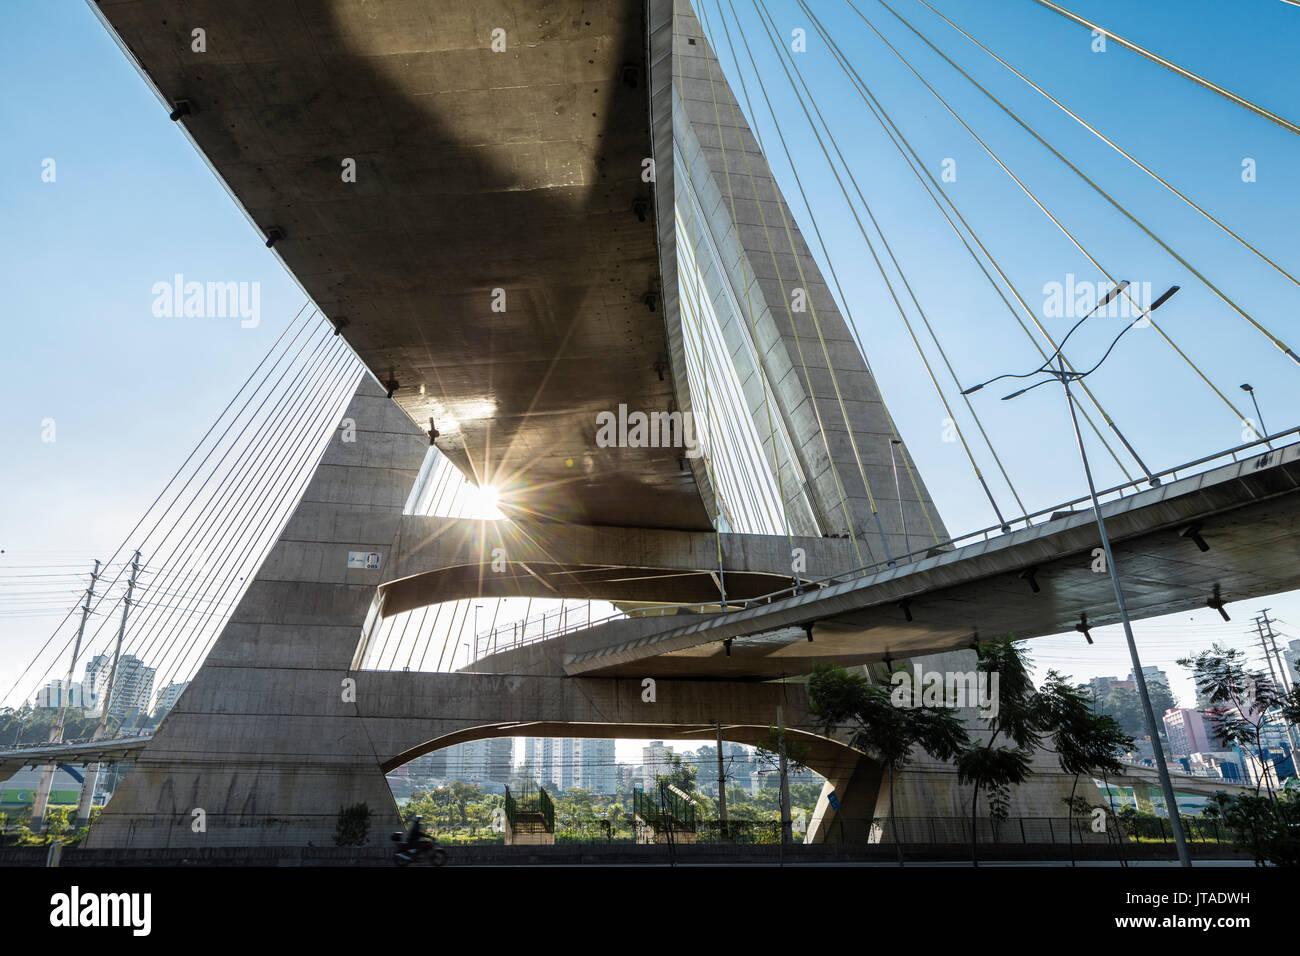 Octavio Frias de Oliveira puente por Joao Valente Filho en el distrito de Brooklin, Sao Paulo, Brasil, América del Sur Imagen De Stock